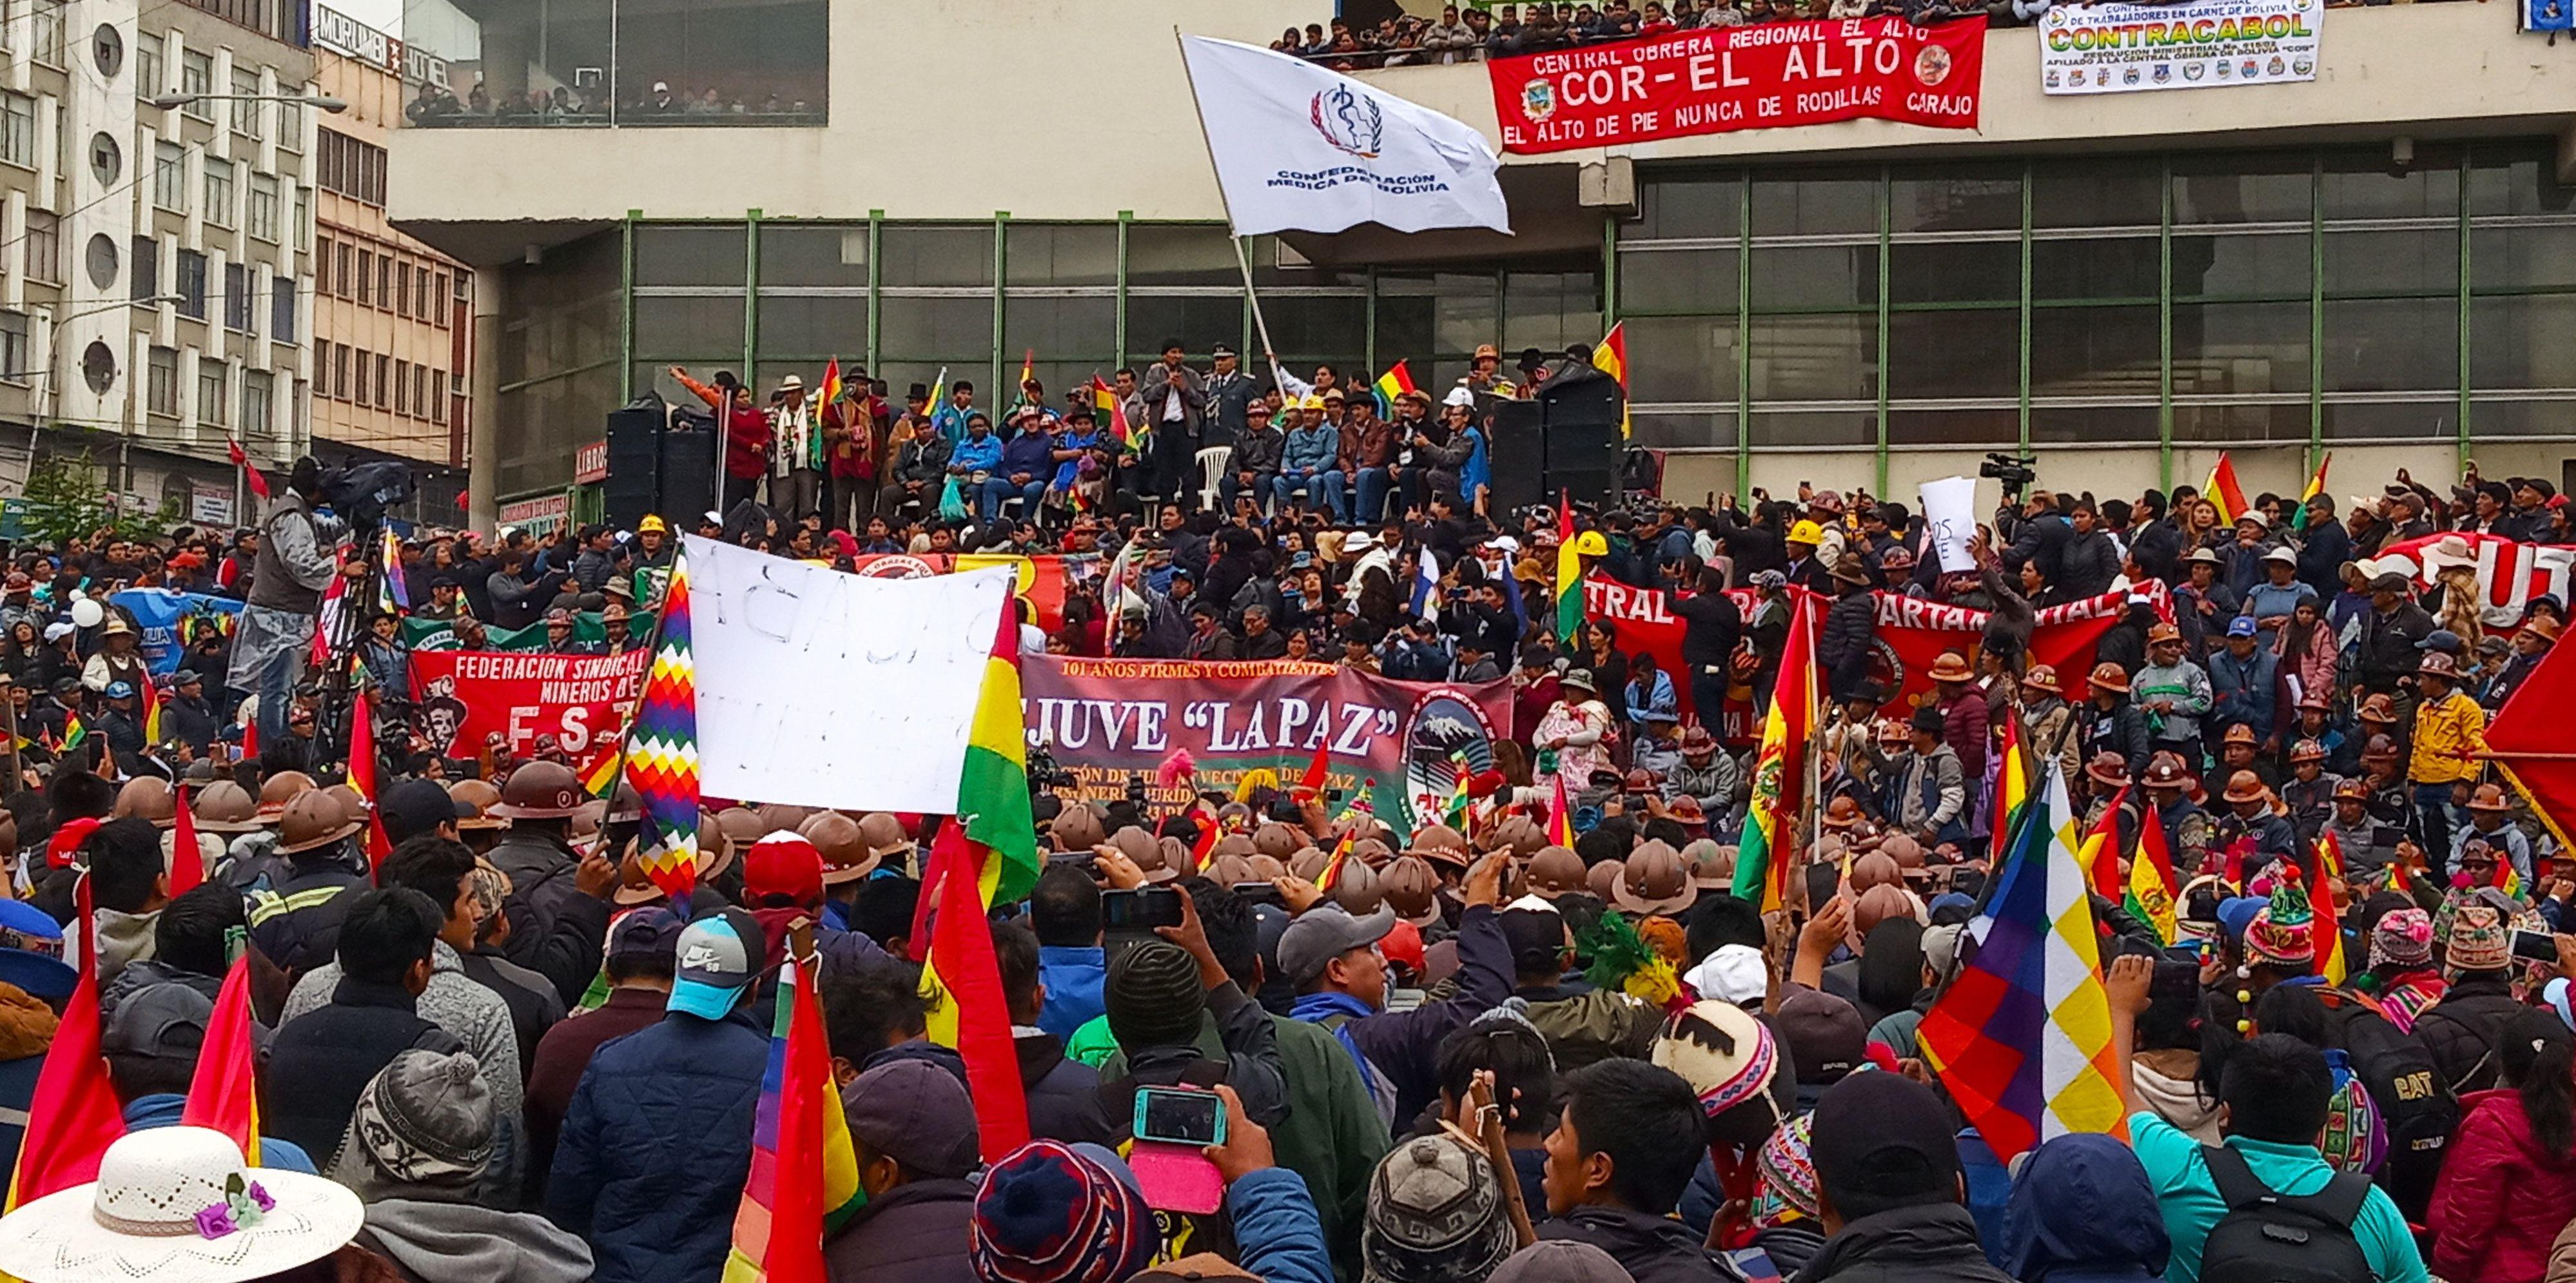 Evo Morales da su discurso en la marcha de la central sindical en Bolivia